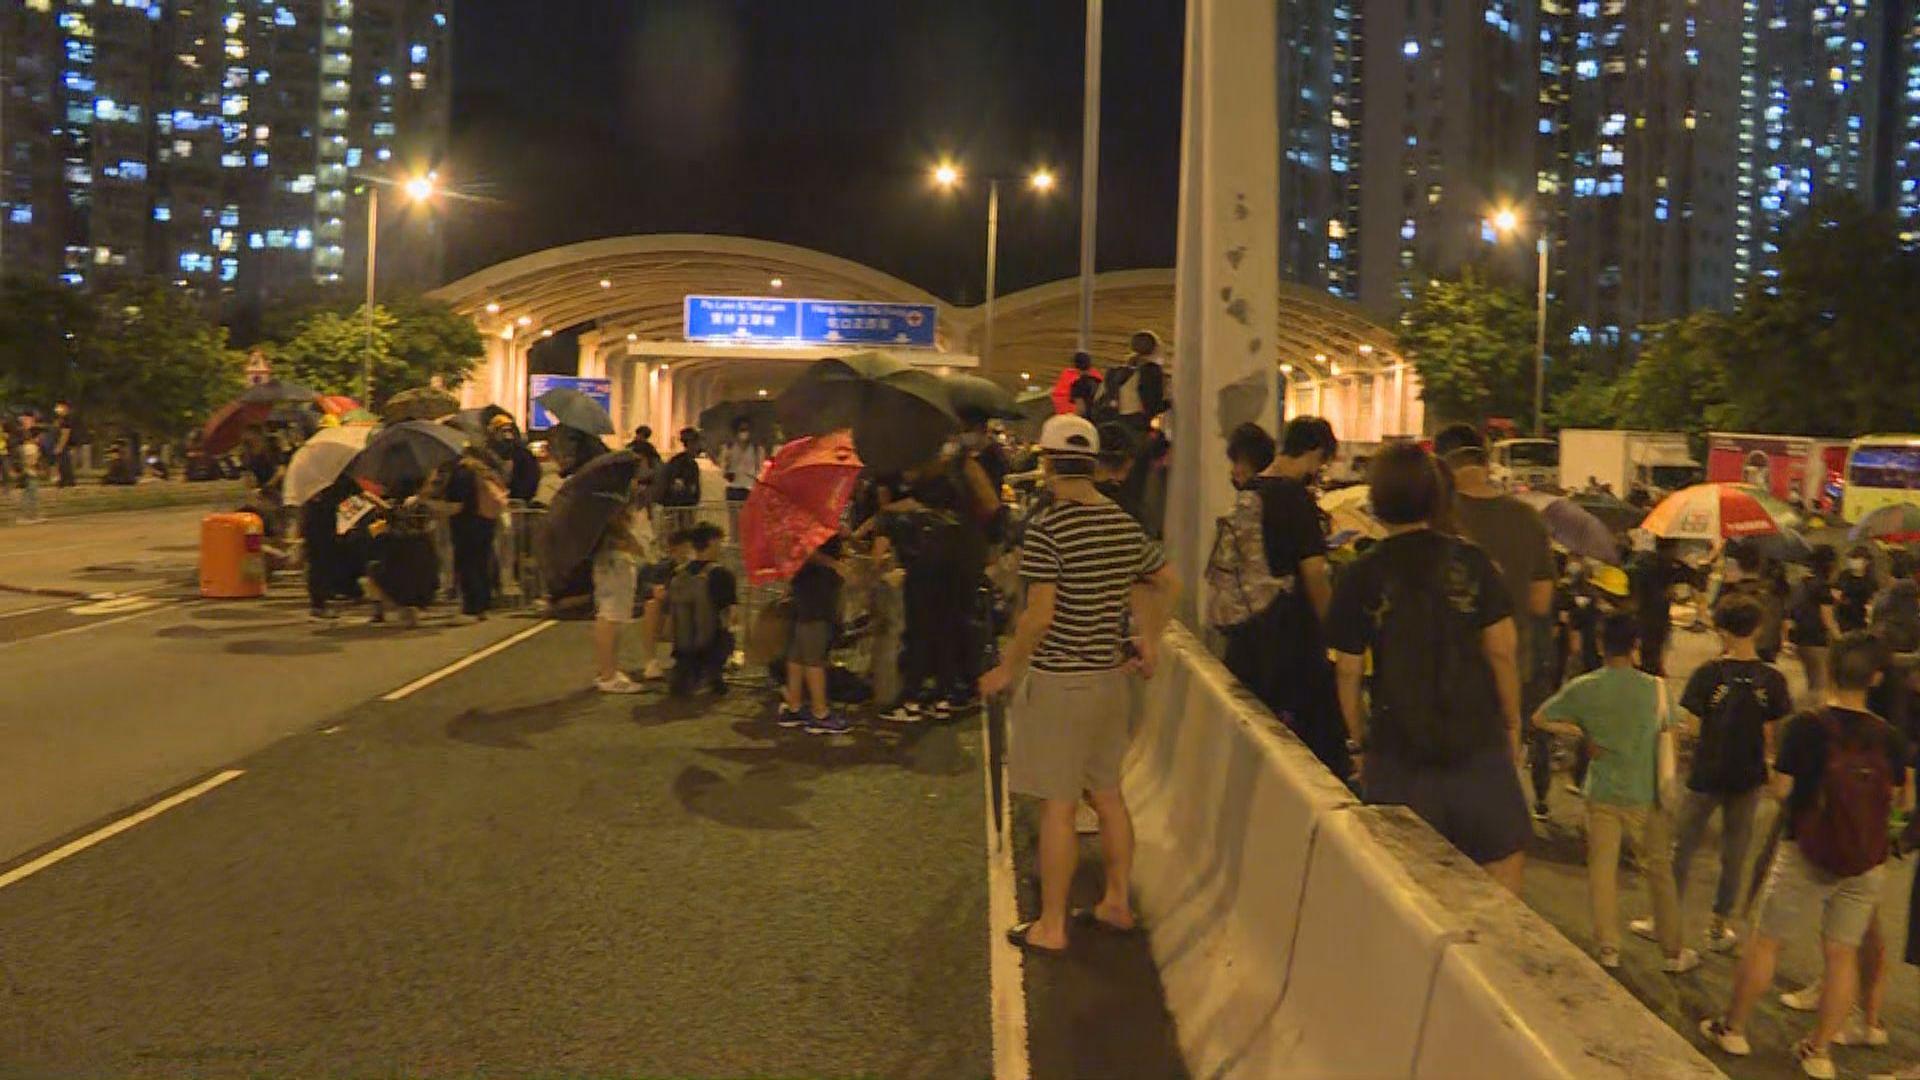 【不斷更新】晚間各區示威現場消息